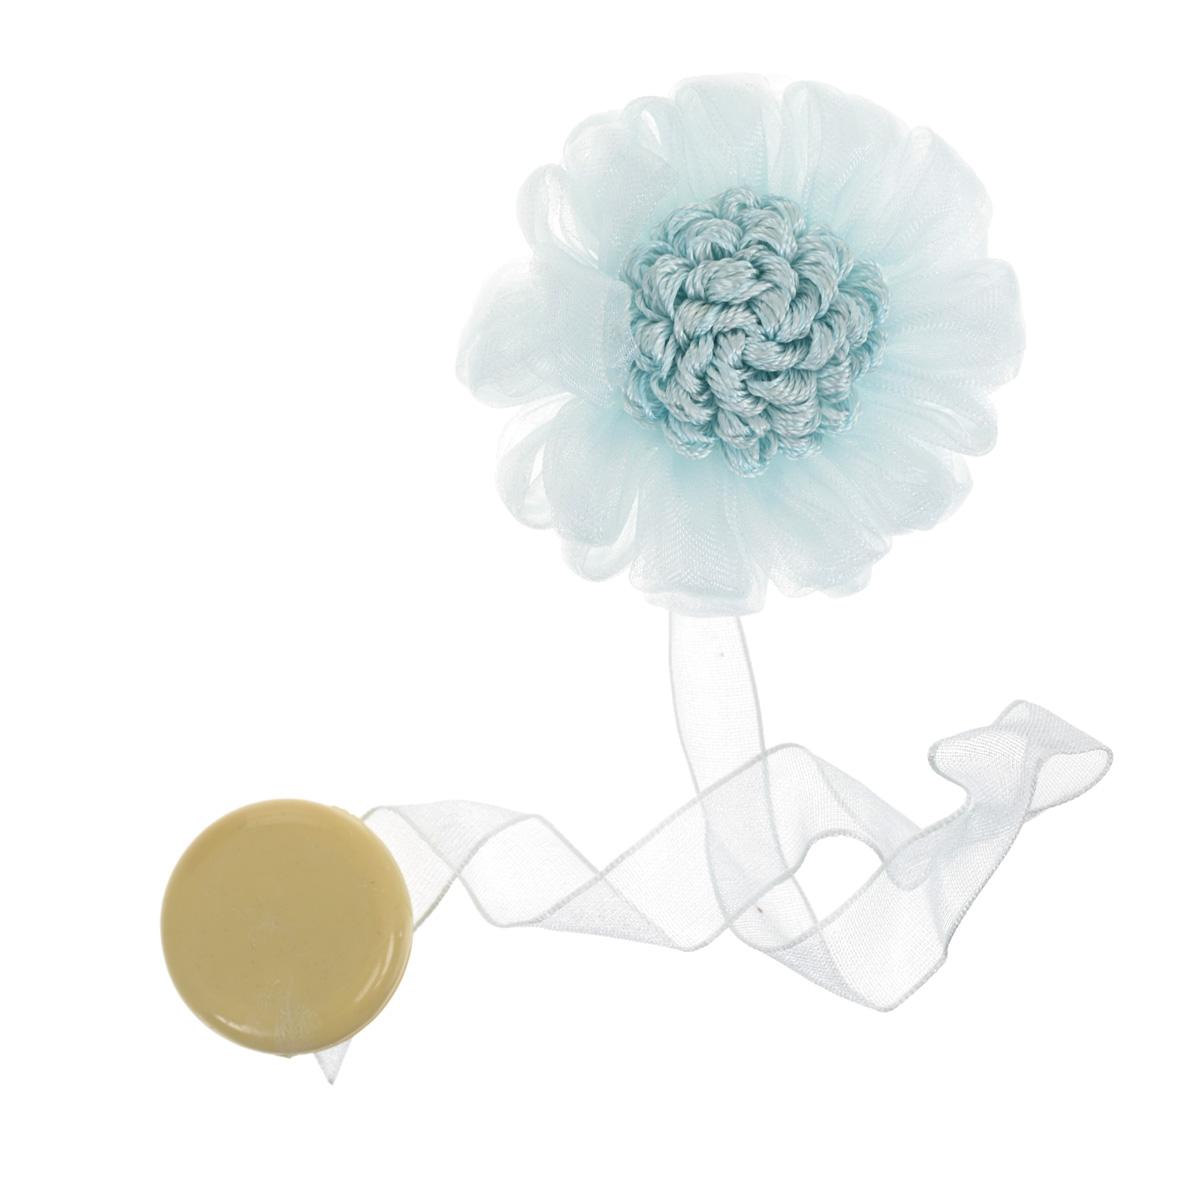 Клипса-магнит для штор Calamita Fiore, цвет: светло-голубой (А827). 7704011_827100-49000000-60Декоративные магнитные клипсы, подхваты Вы можете использовать как держатели для штор или для формирования декоративных складок на ткани